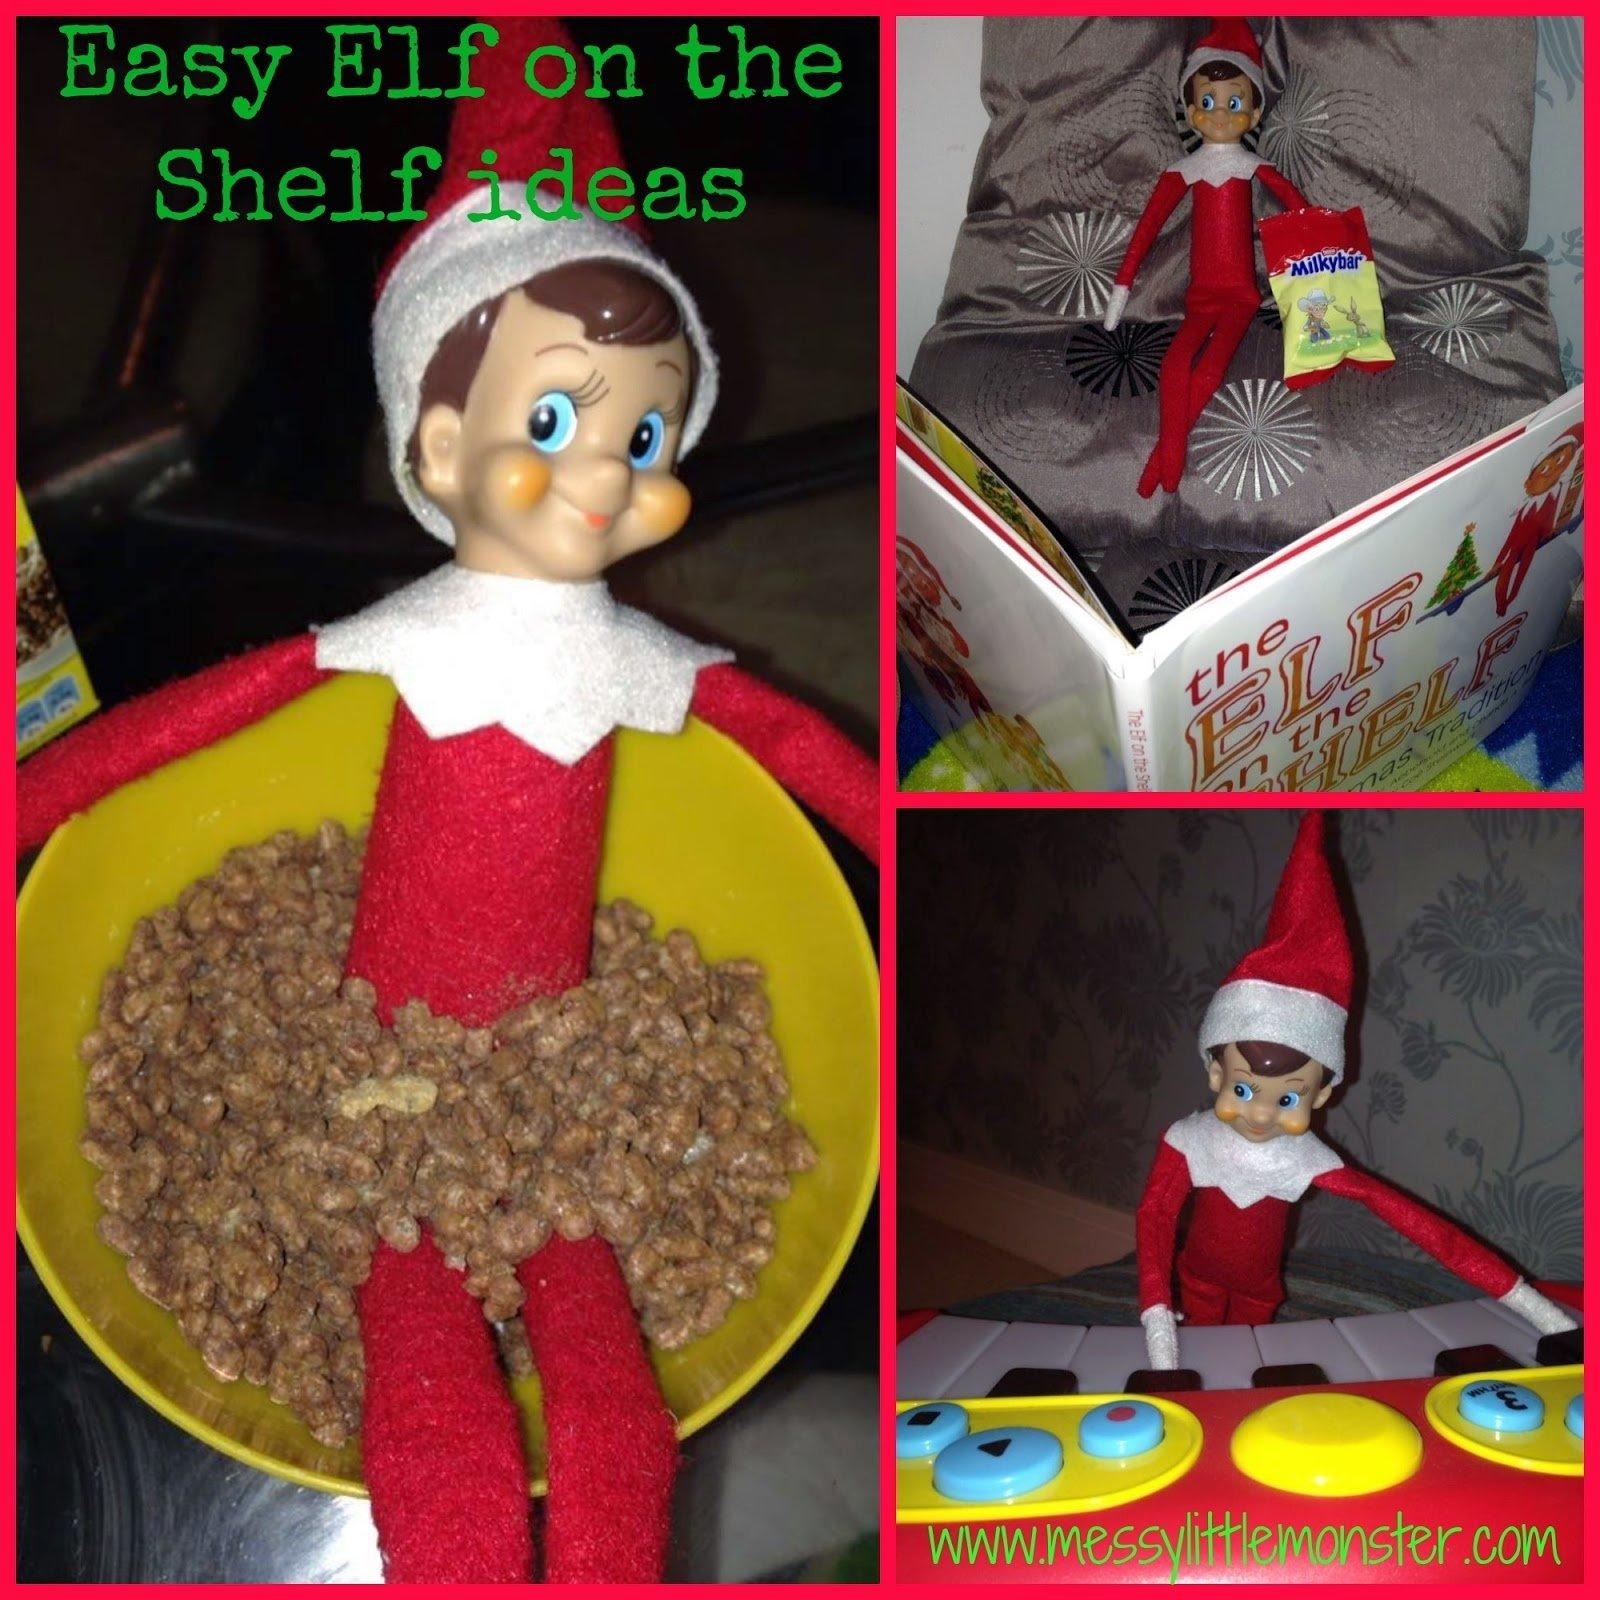 easy elf on the shelf ideas - messy little monster